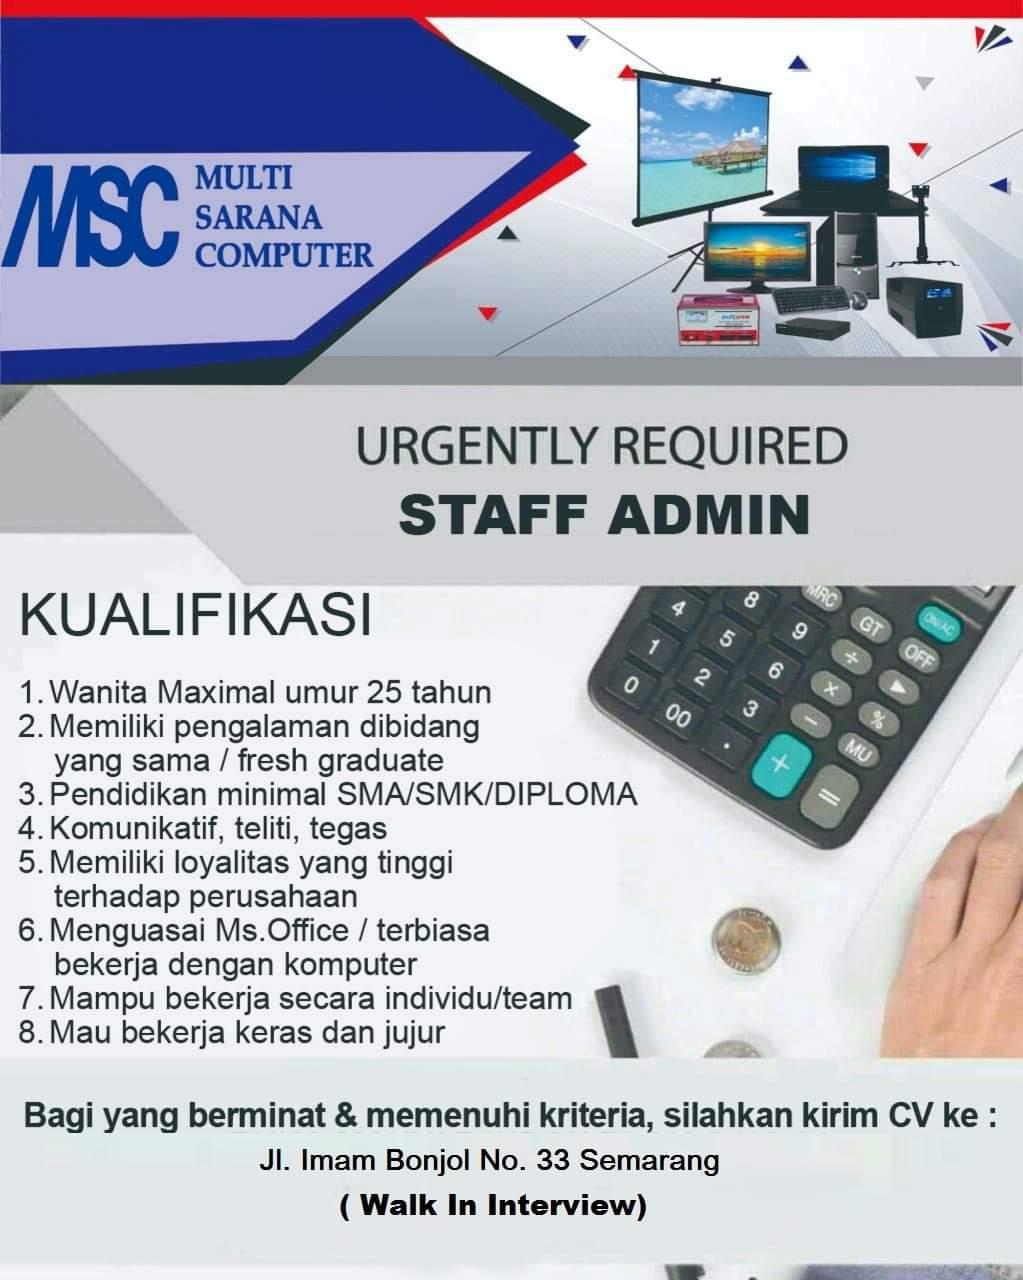 Multi Sarana Computer Membuka lowongan Sebagai Staff Admin Semarang